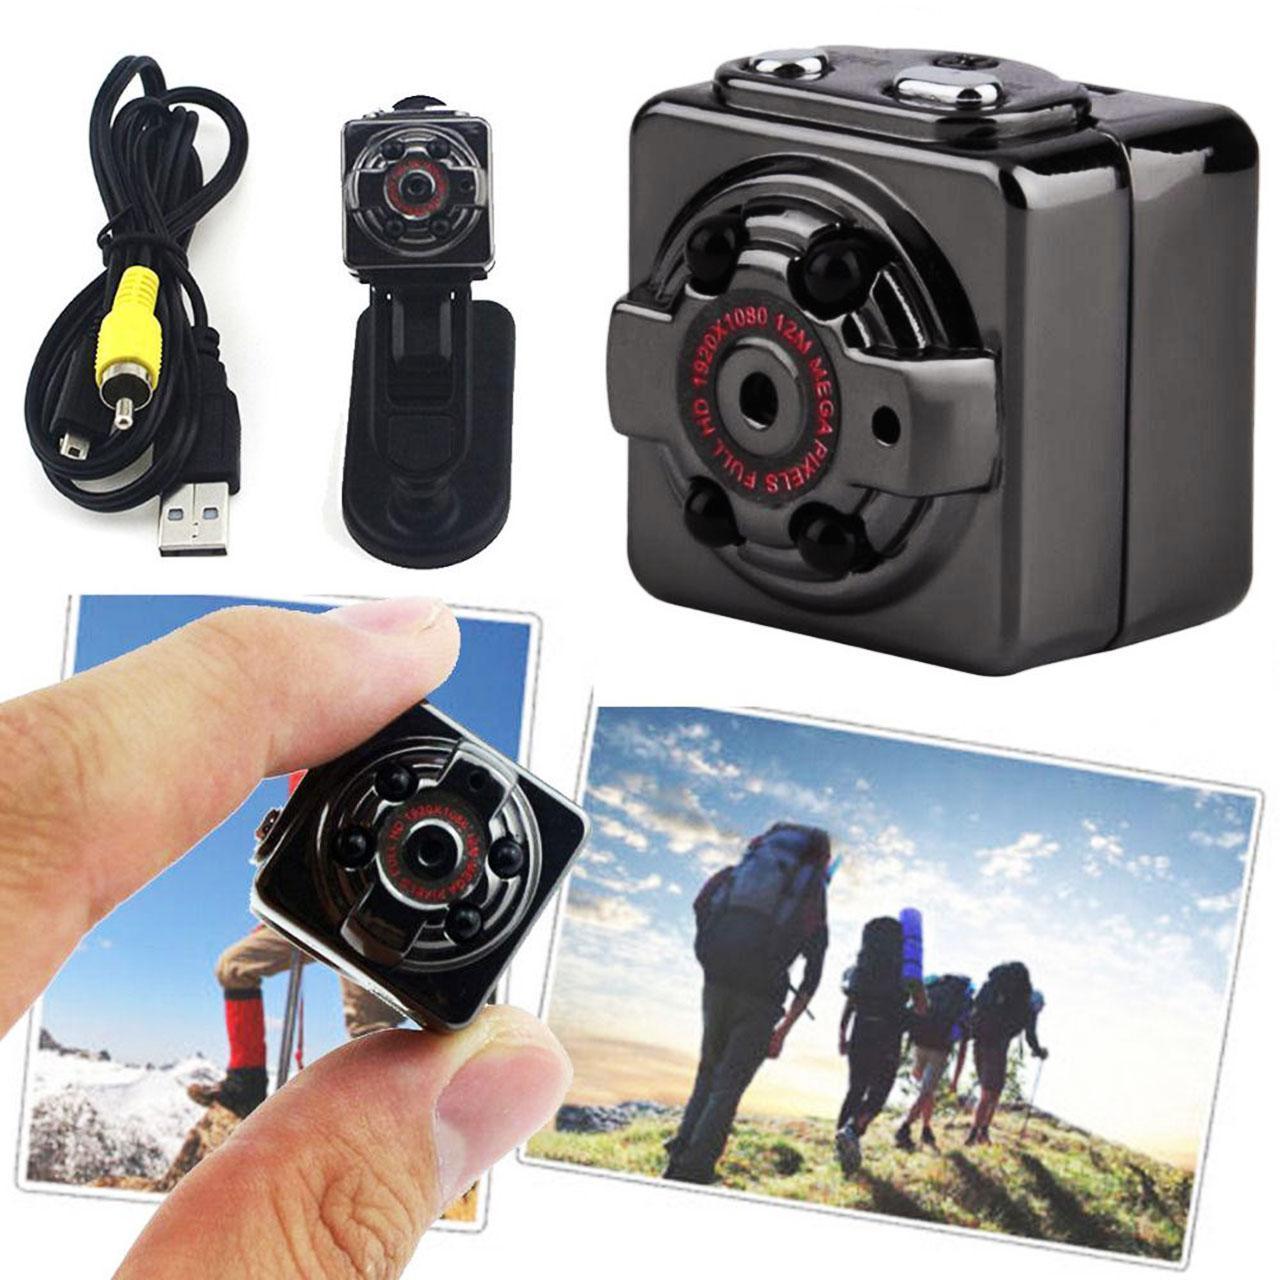 Camera Mini Siêu Nhỏ SQ8 HD1080P Hình ảnh Rõ Nét Quay Cả Ban Ngày Và Ban đêm - Camera Hành Trình Siêu Nhỏ - Camera ô Tô (camera Hành Trình Và Kiêm Camera An Ninh) Bất Ngờ Giảm Giá